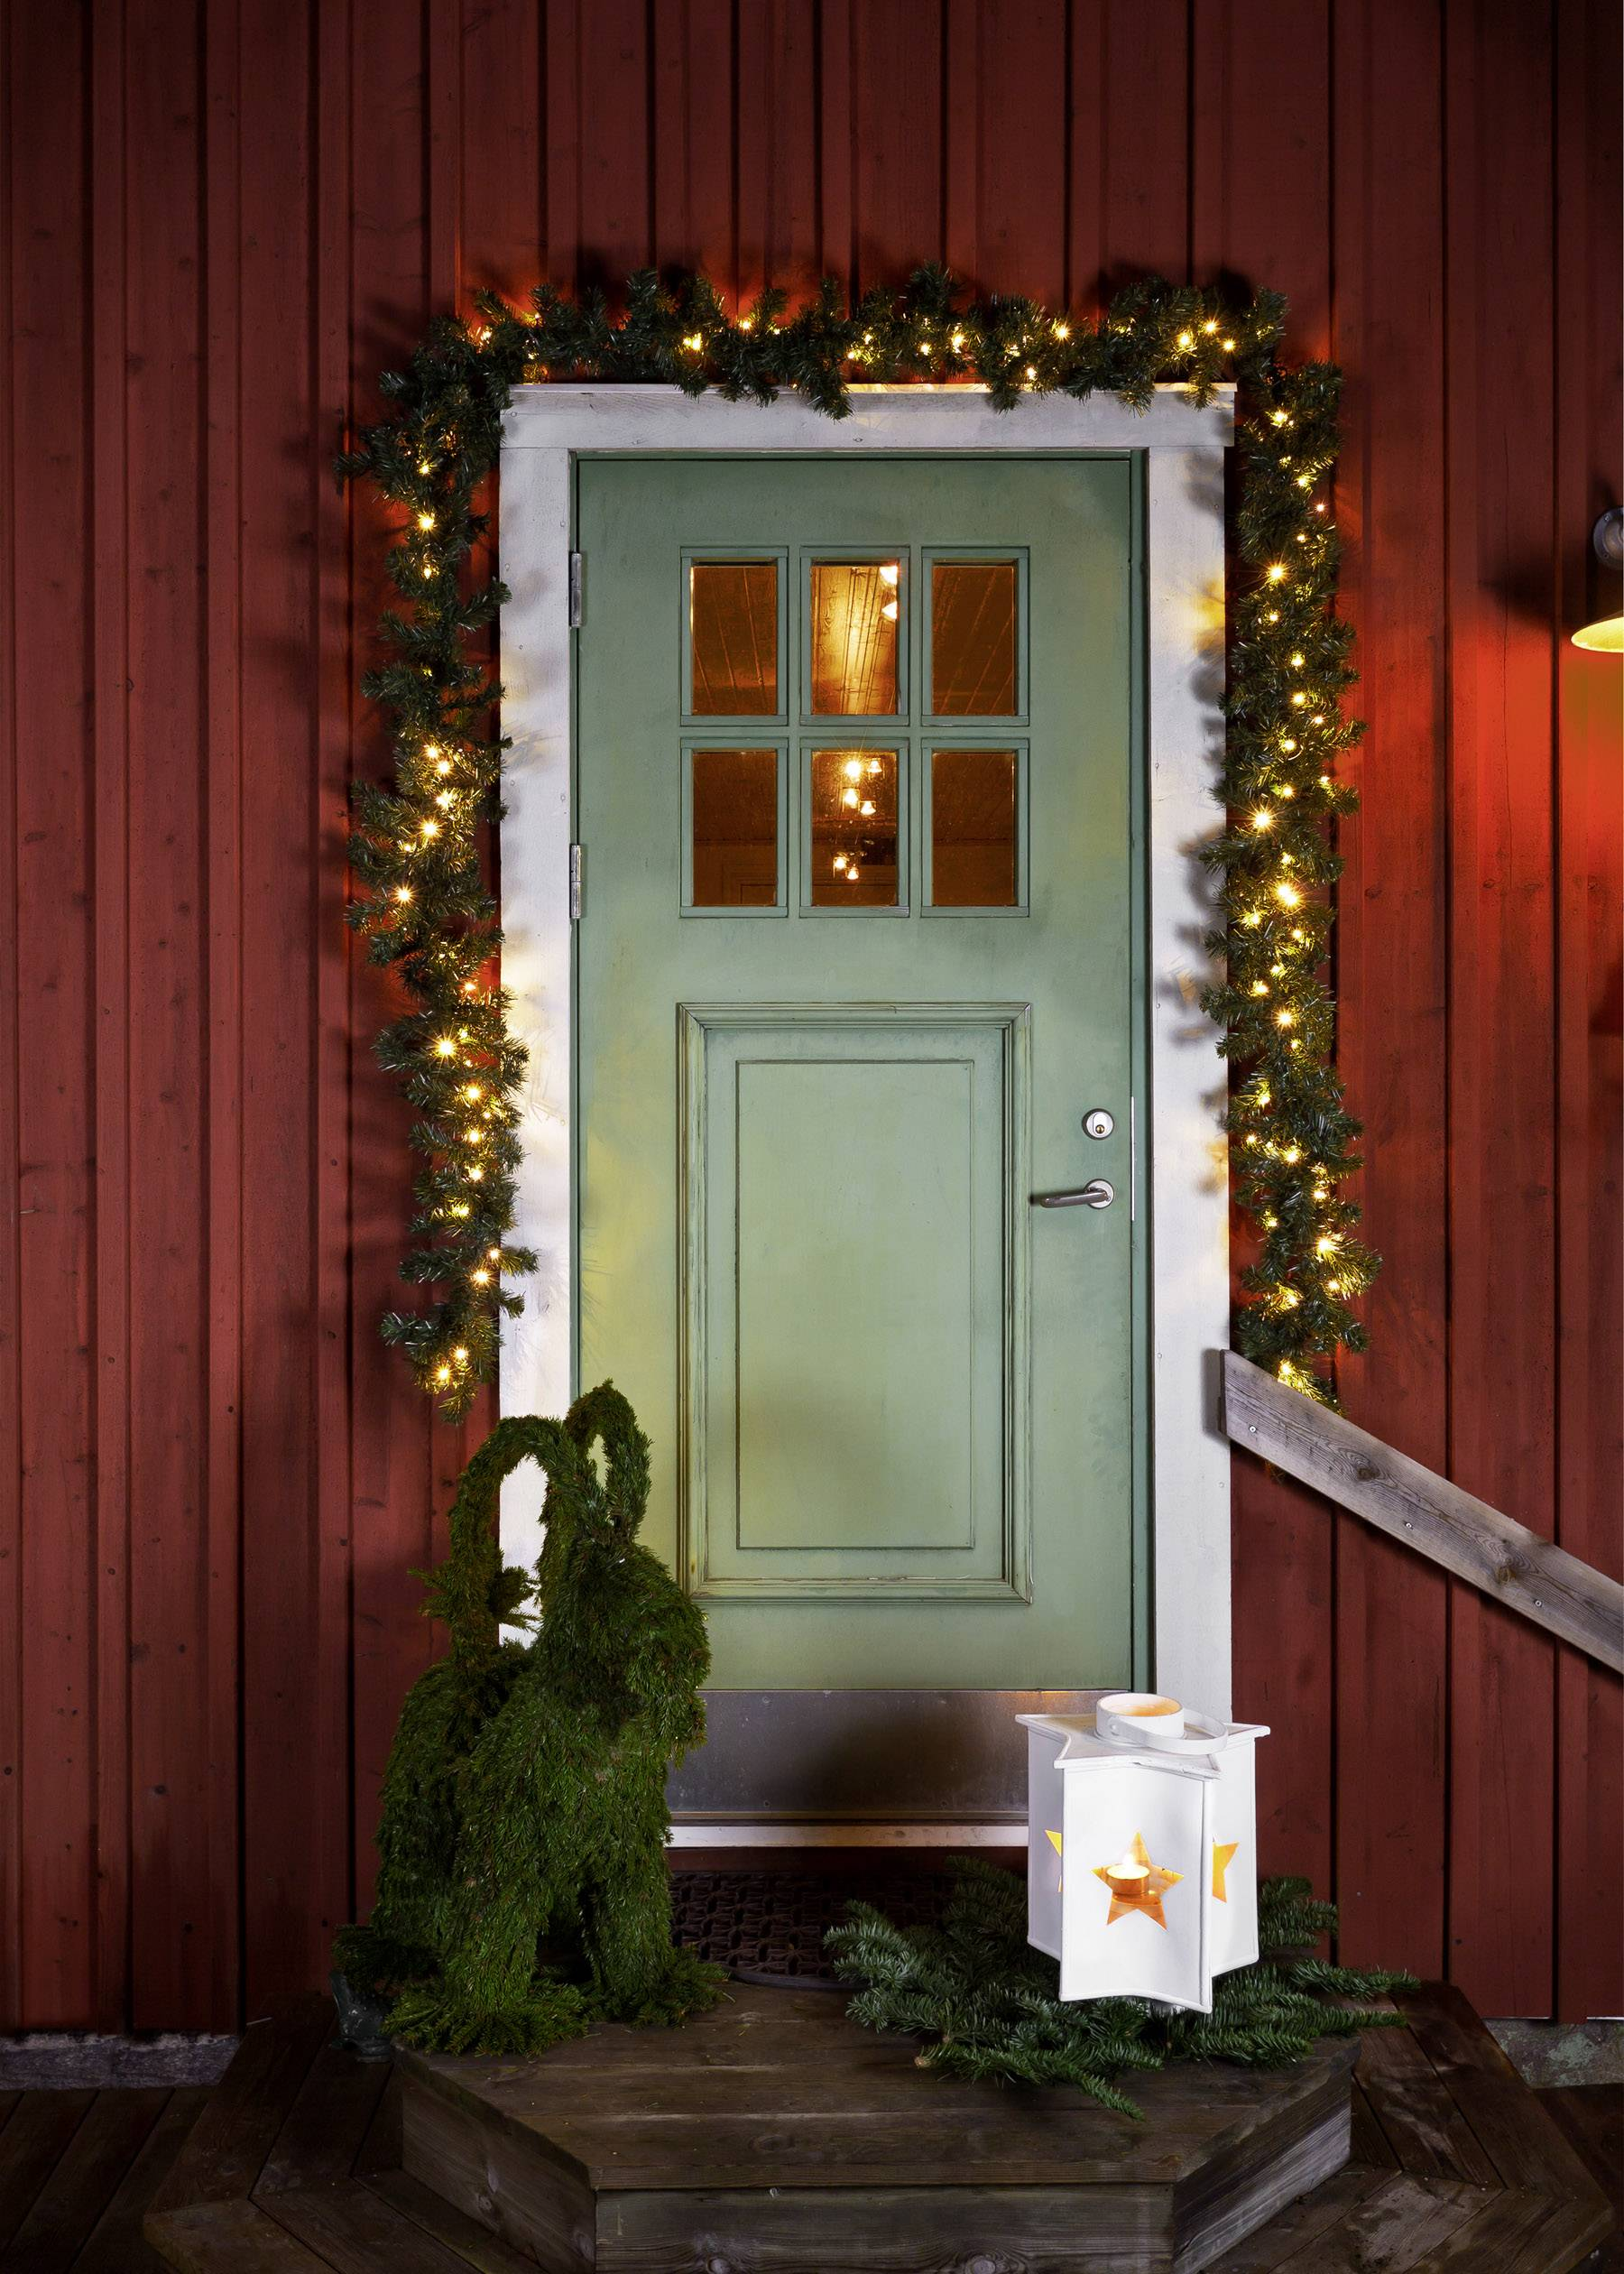 Dekorativní LED osvětlení smrk Konstsmide 2724-800 2724-800, zelená